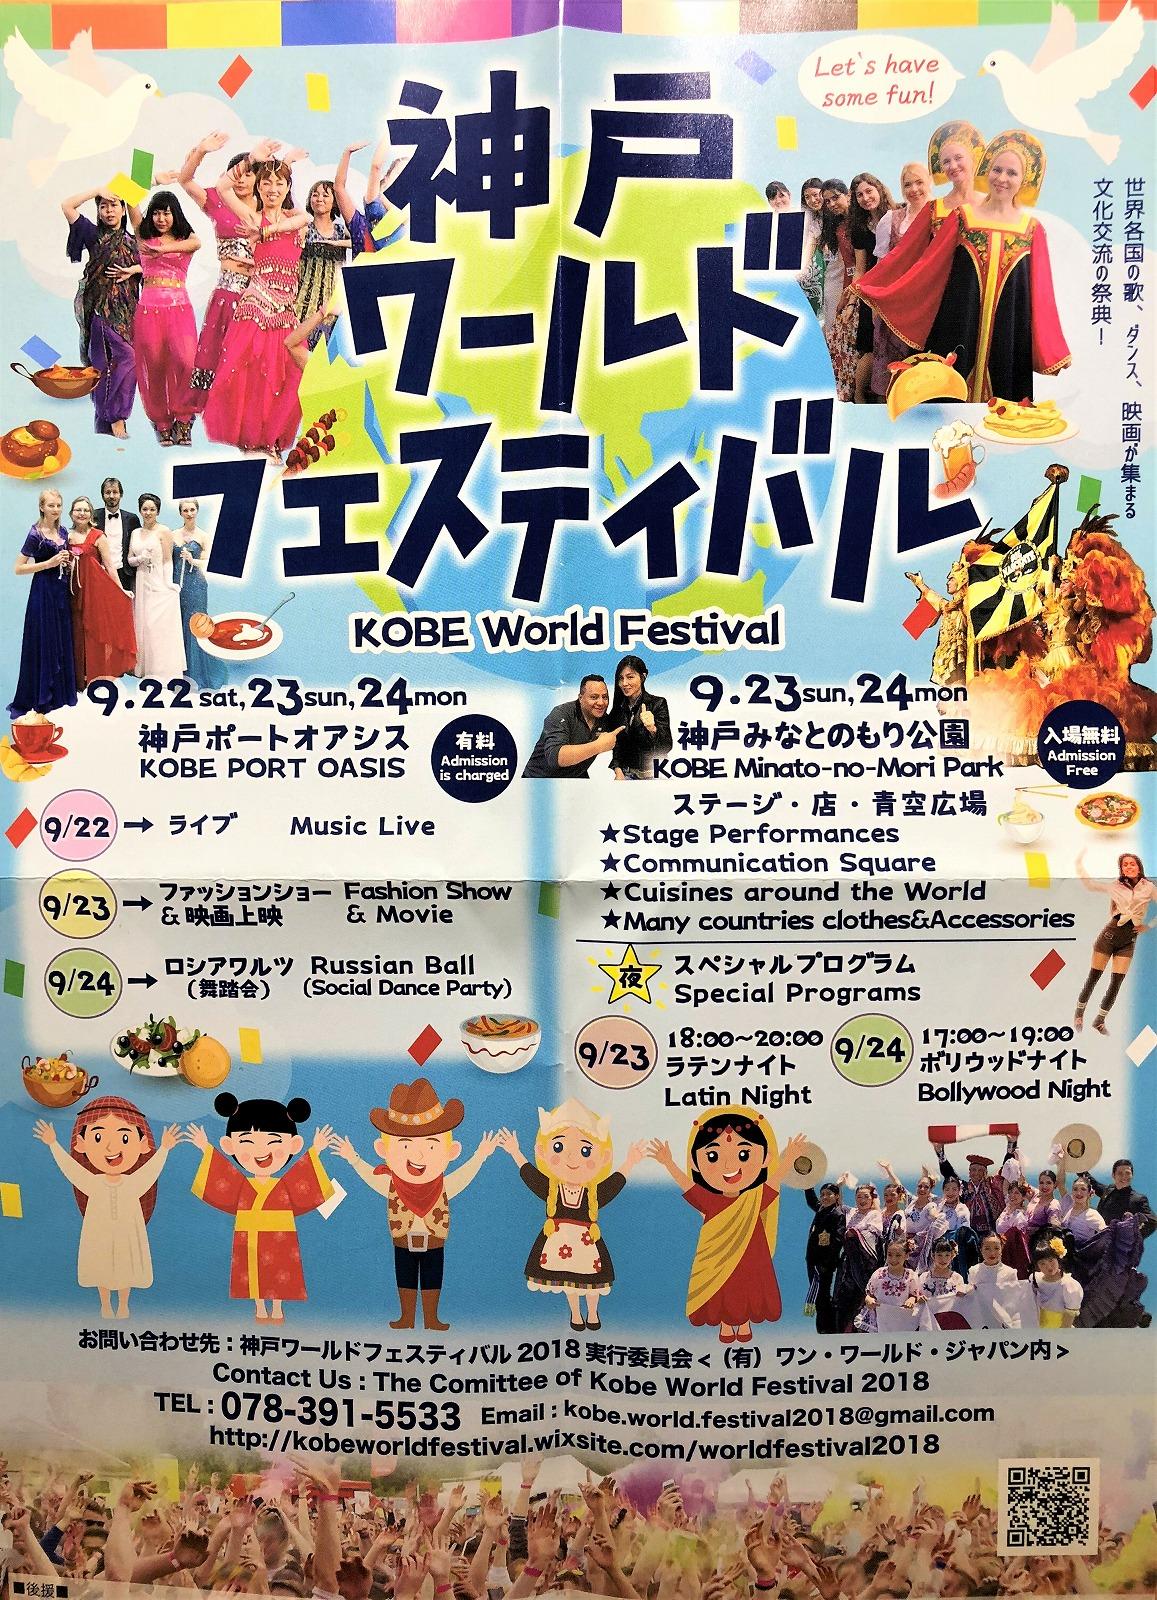 「神戸ワールドフェスティバル」が9/22~9/24まで神戸ポートオアシス&神戸みなとのもり公園で開催されるよ! #神戸ワールドフェスティバル #国際イベント #神戸ポートオアシス